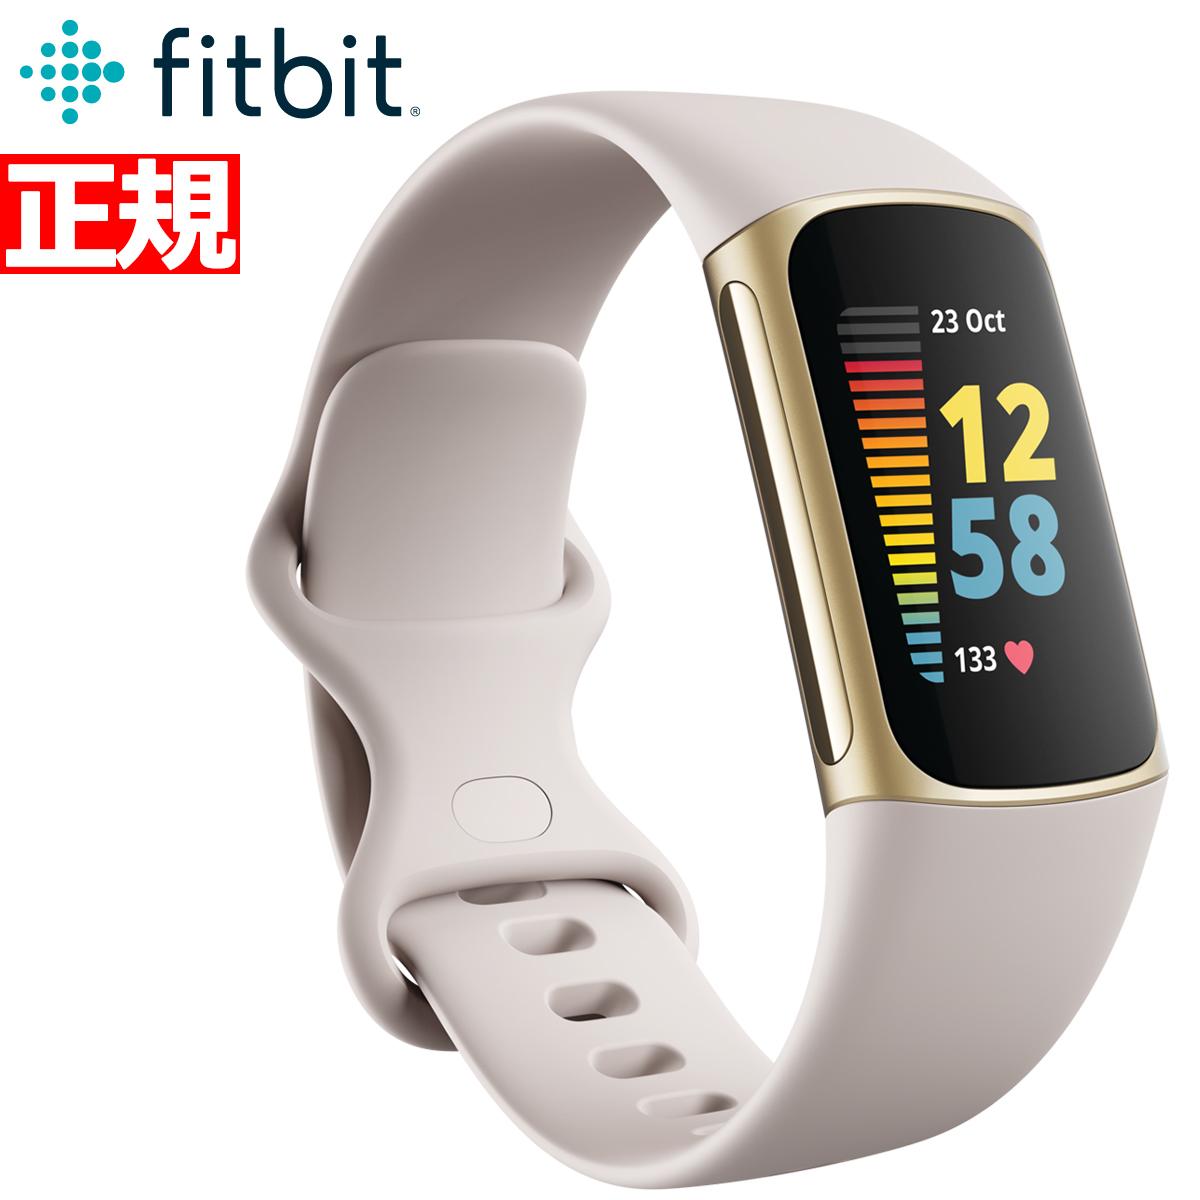 fitbit フィットビット charge5 チャージ5 フィットネス スマートウォッチ トラッカー ウェアラブル端末 血中酸素 腕時計 ルナホワイト/ソフトゴールド FB421GLWT-FRCJK